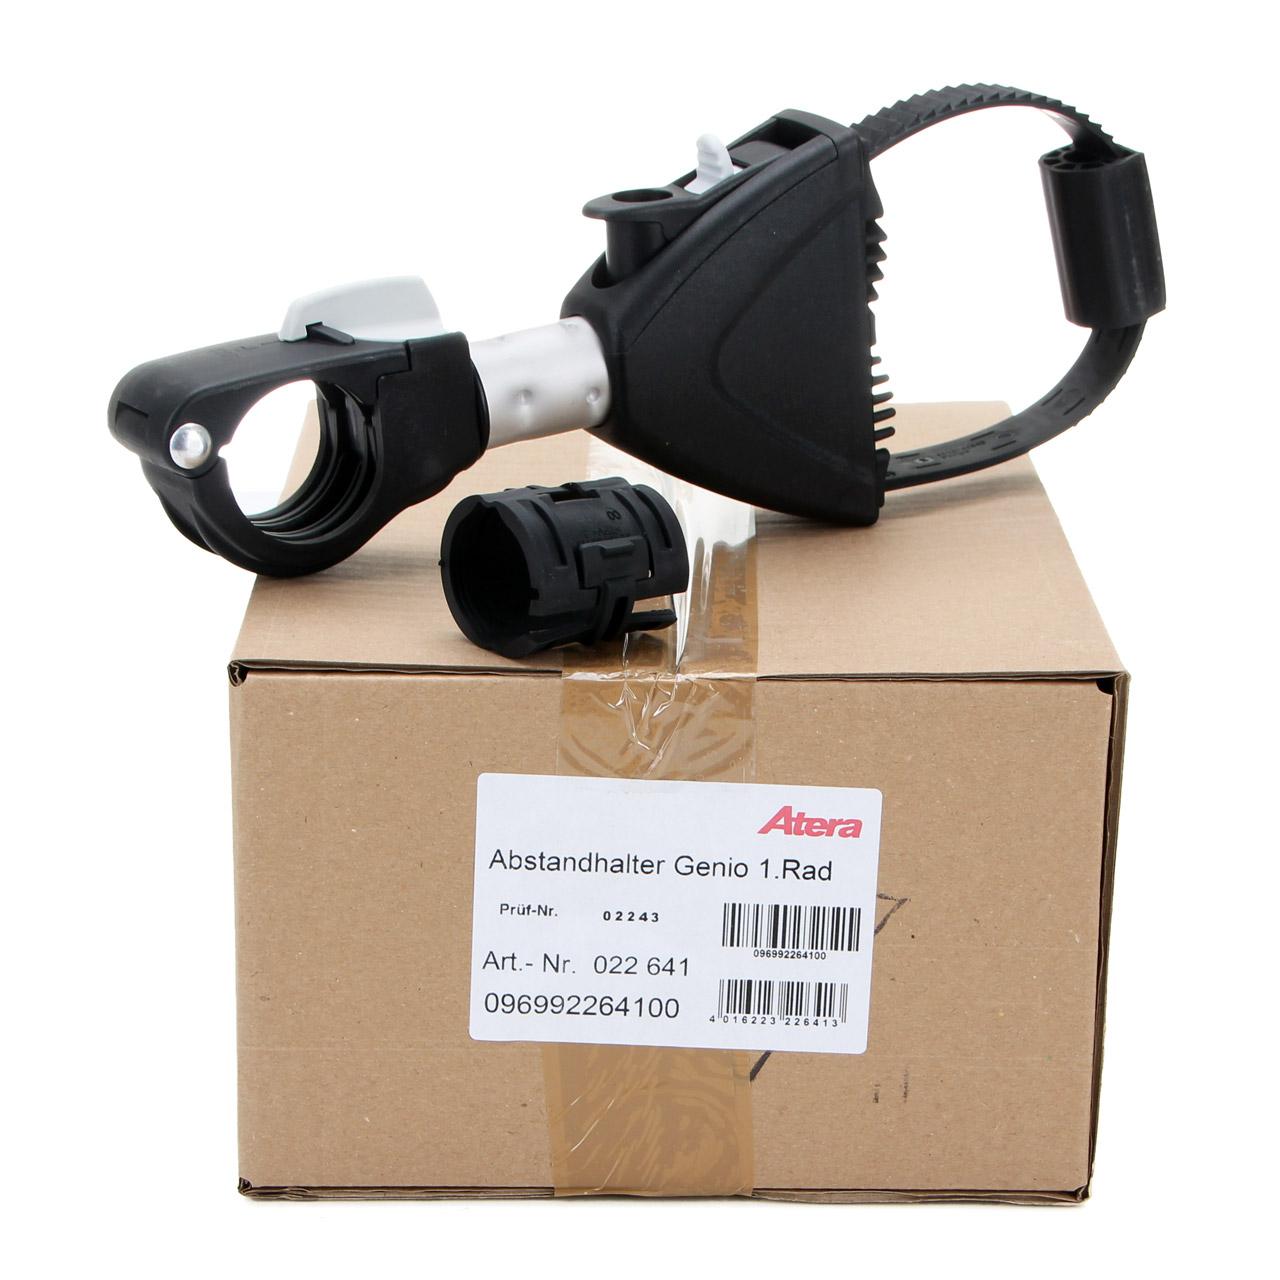 ATERA 022641 Abstandshalter für den Fahrradträger Kupplungsträger GENIO PRO 1.RAD